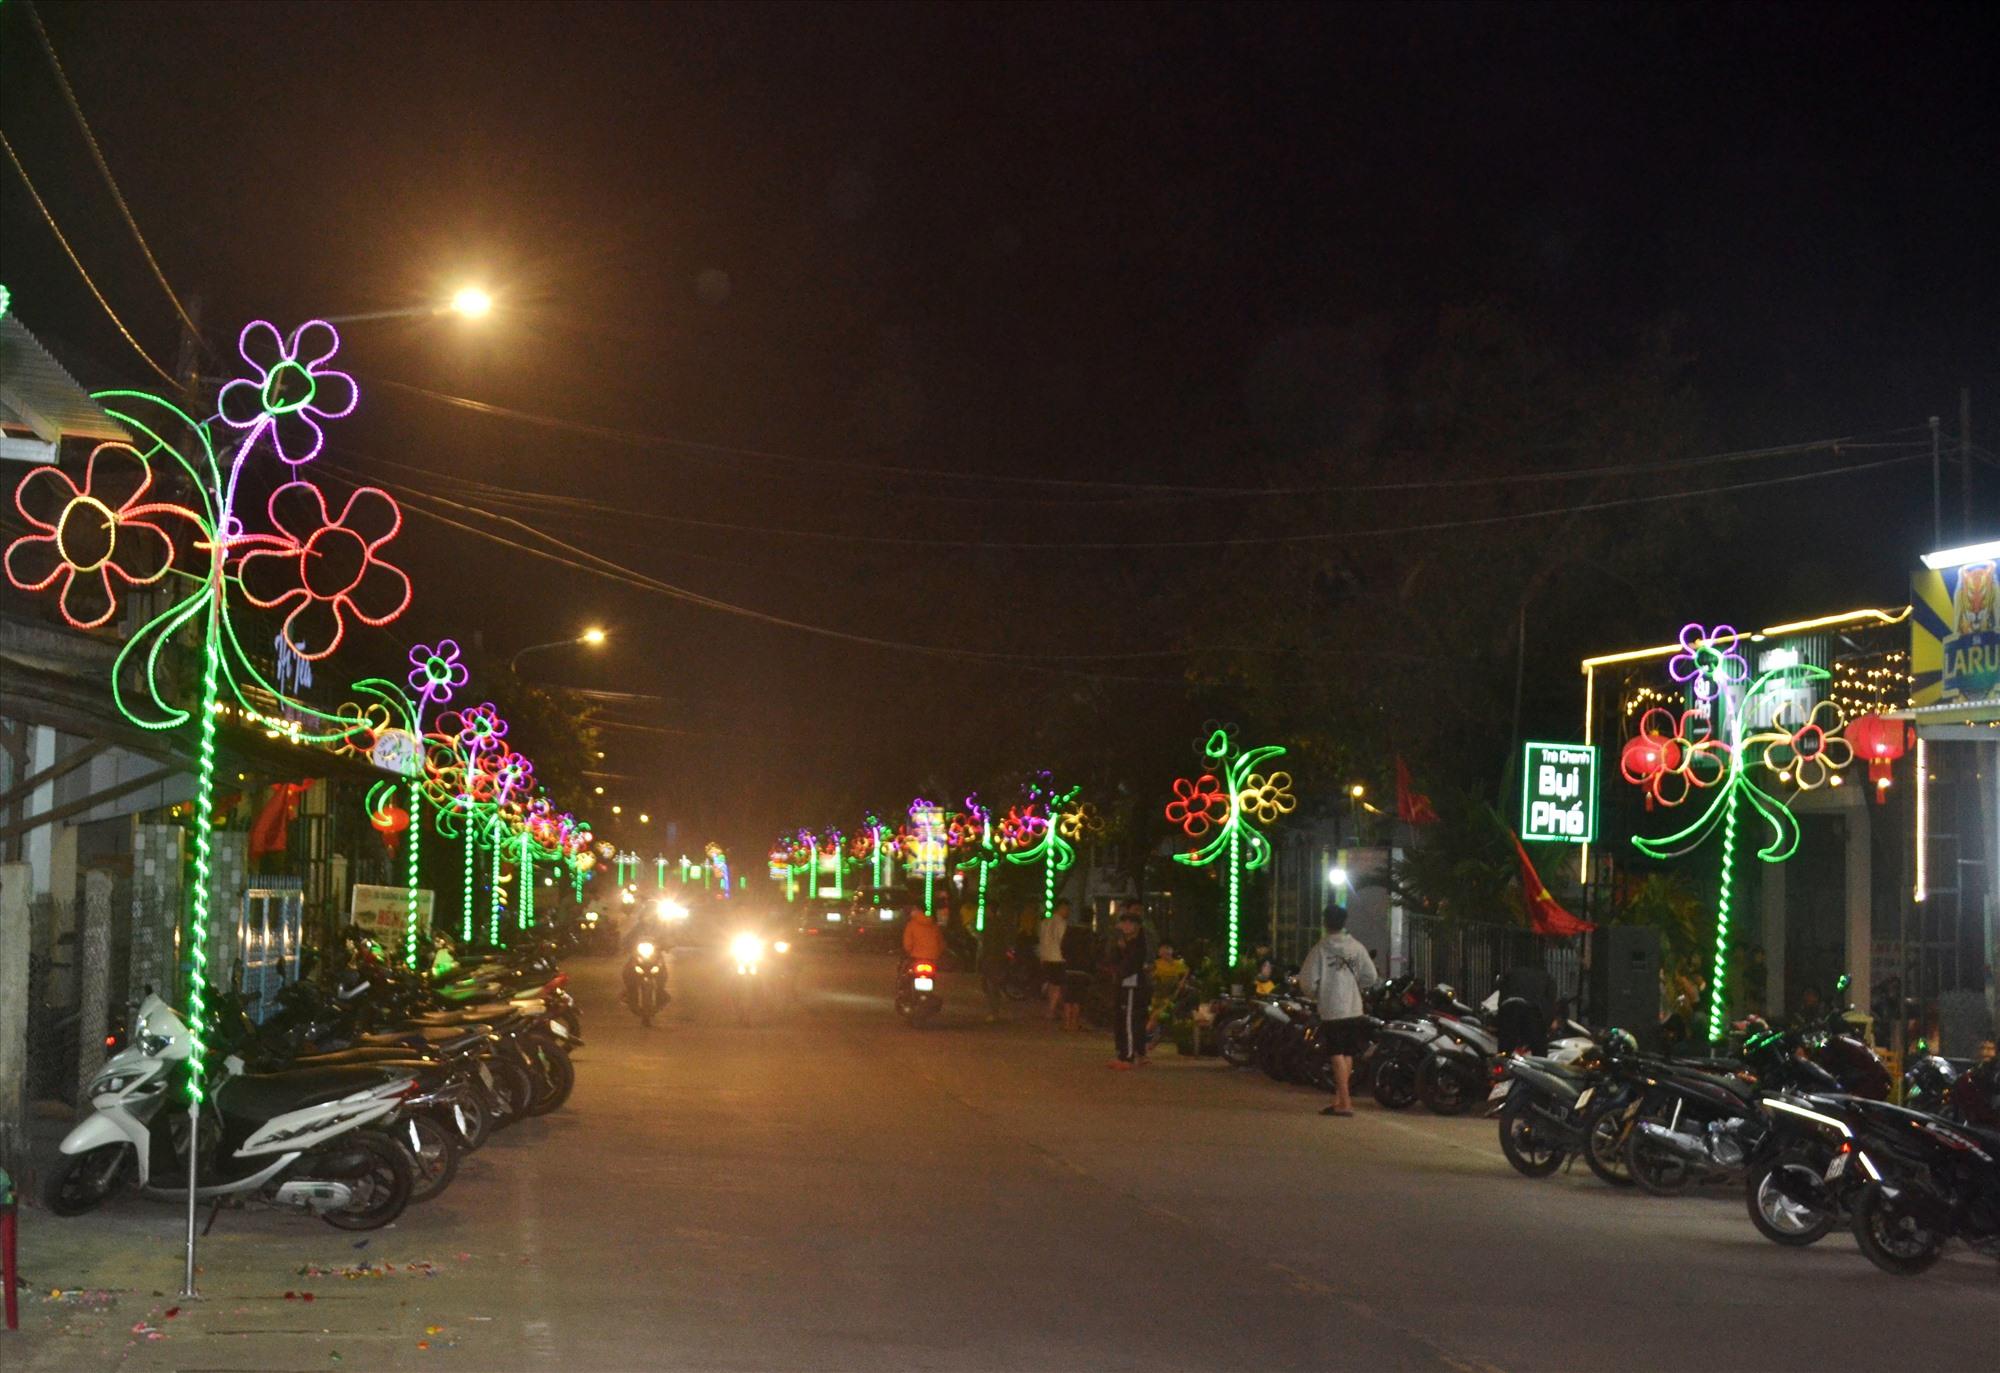 Ban đêm, đèn điện trang trí sáng lung linh đầy màu sắc nằm ven tuyến ĐT609C thu hút sự chú ý của người đi đường.